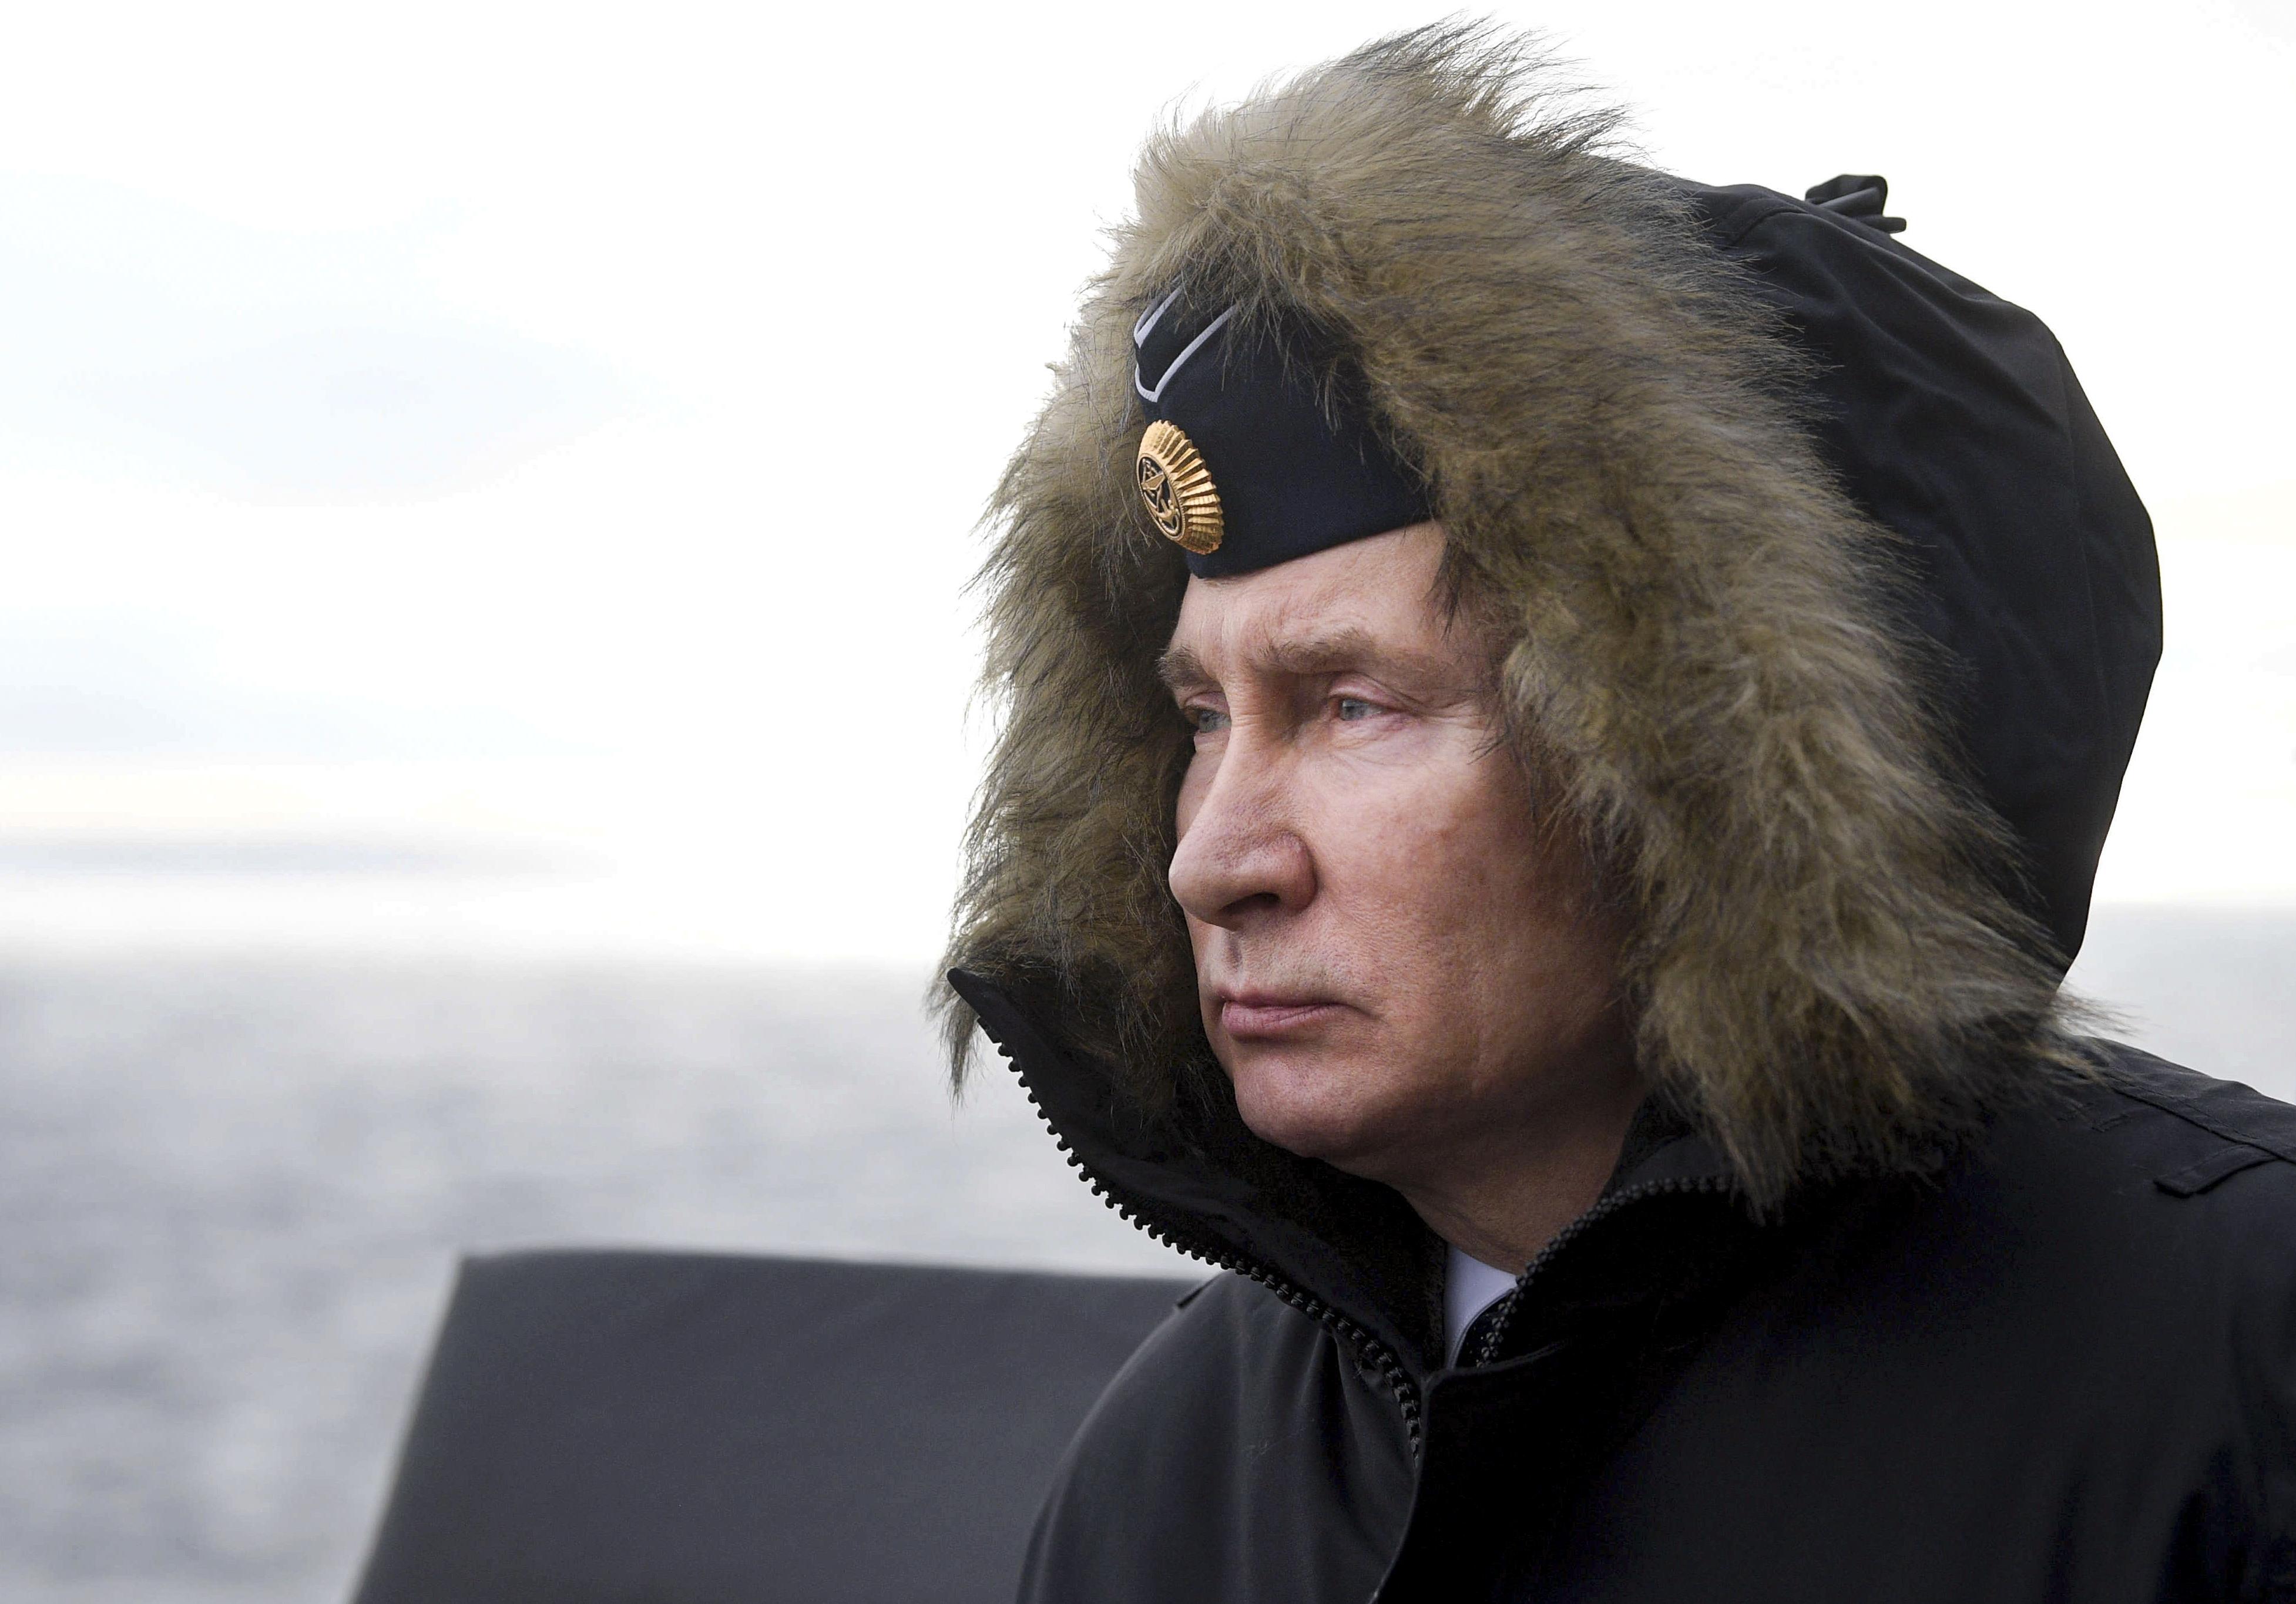 La Russia sta ricattando la Moldavia?